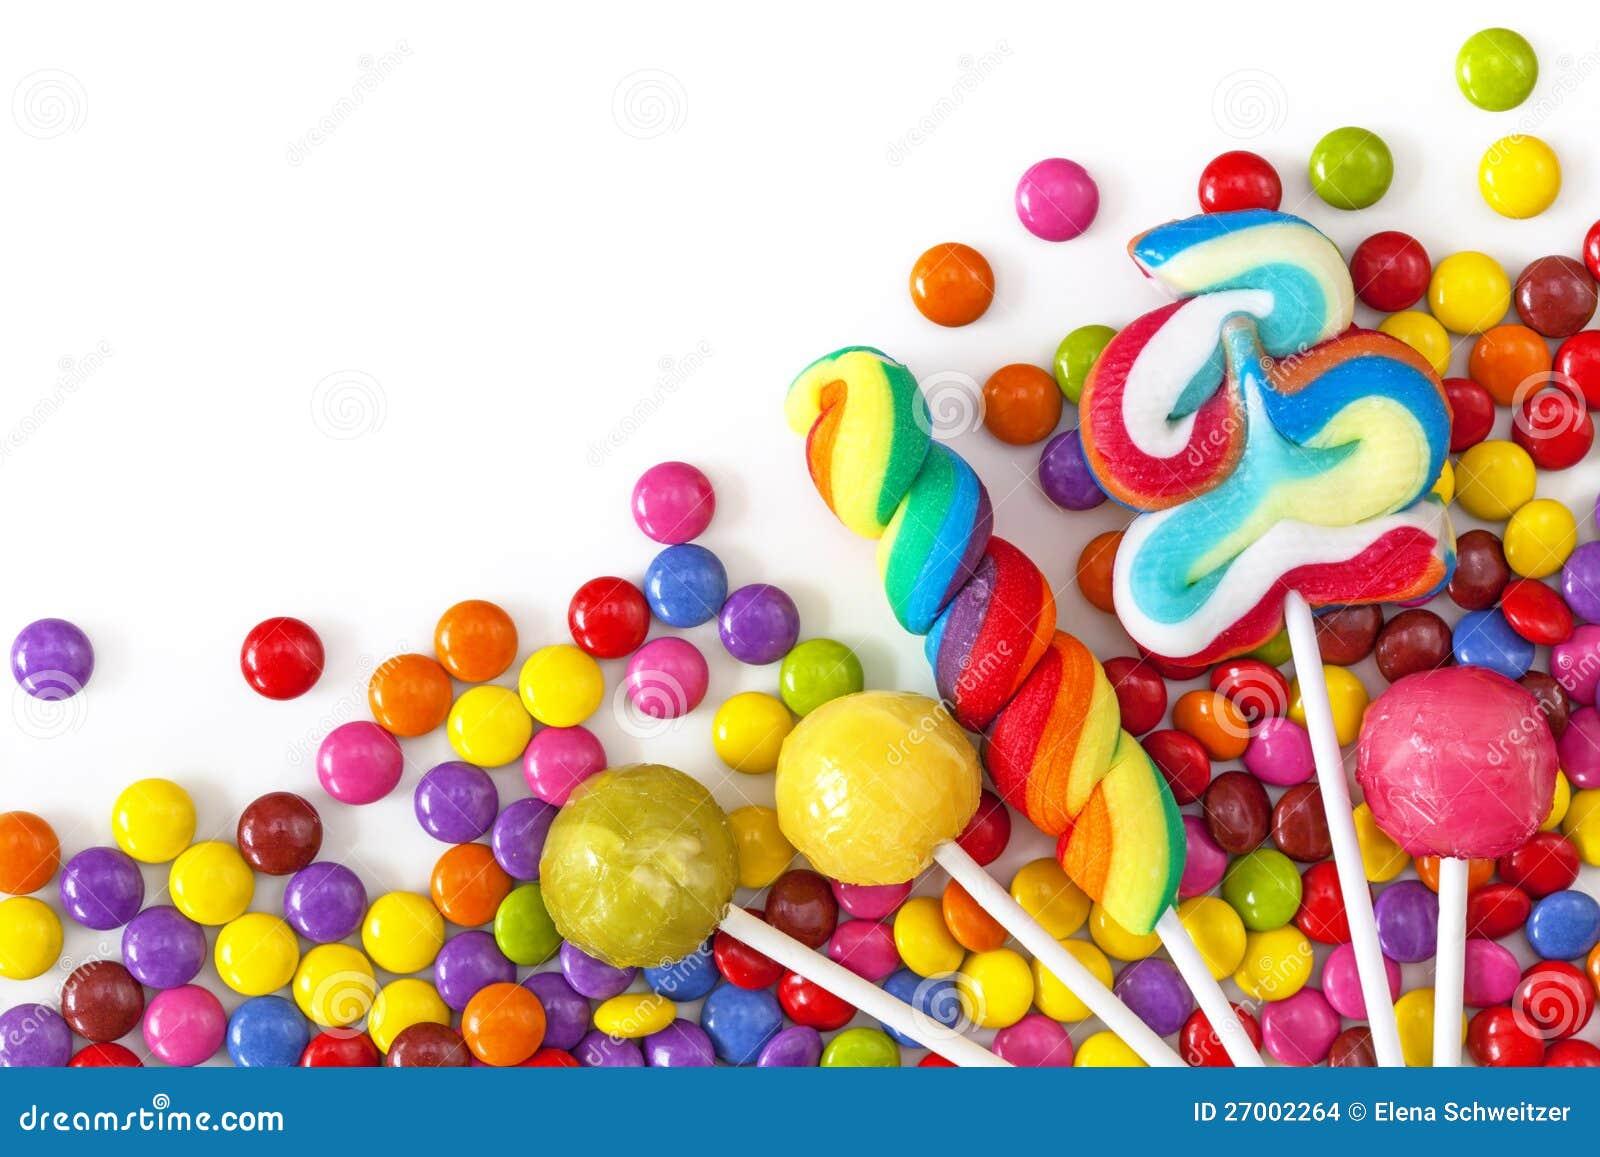 Gemischte Bunte Bonbons Stockfoto Bild Von Süßigkeiten 27002264